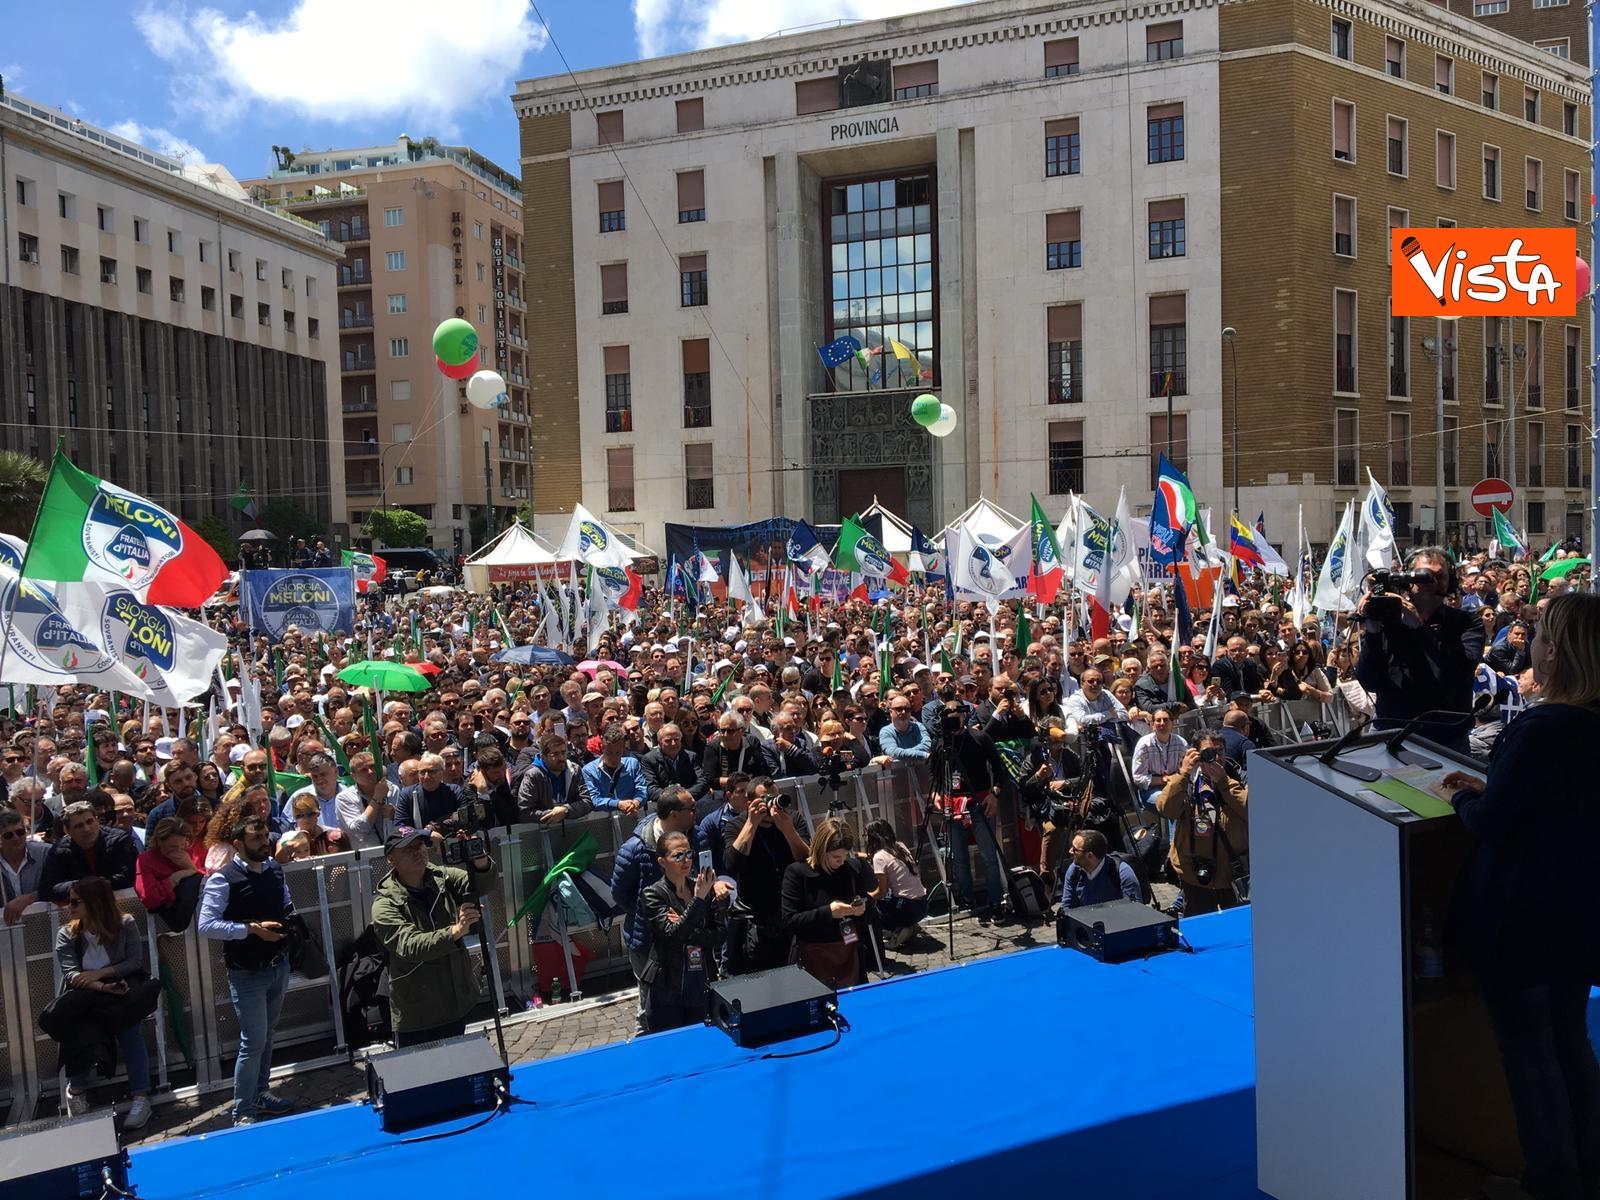 19-05-19 Europee Meloni a Napoli piazza gremita di gente per il comizio della leader di FdI_02